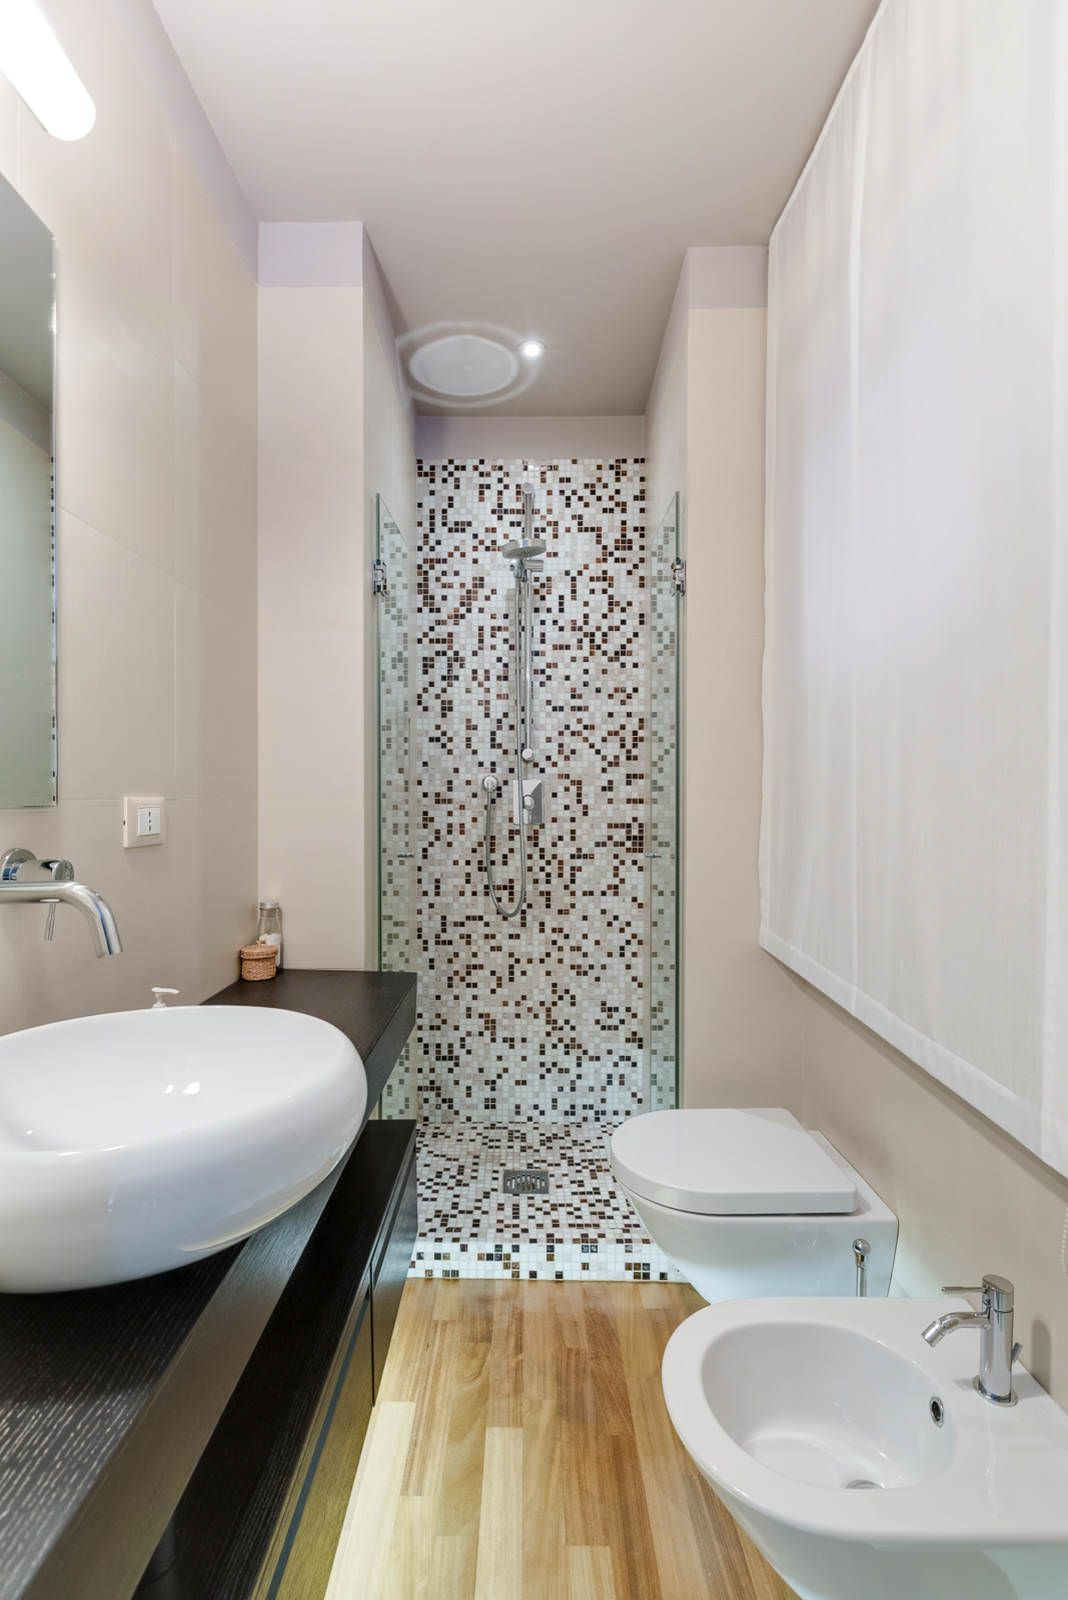 Mosaico bagno 100 idee per rivestire con stile bagni for Grandi bagni padronali